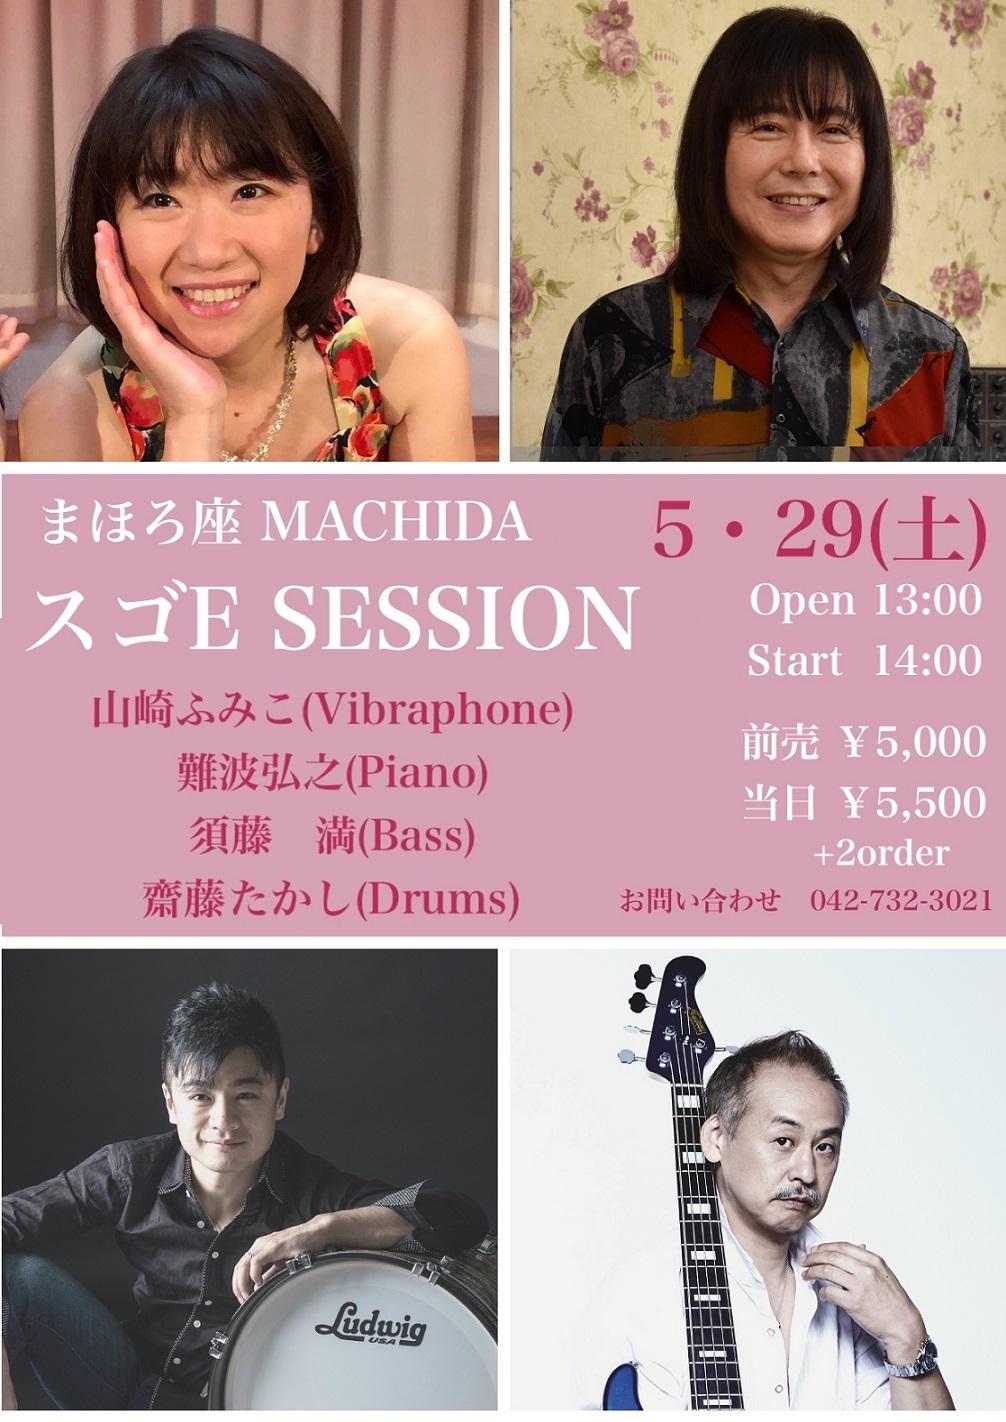 【入場チケット+投げ銭】スゴE SESSION